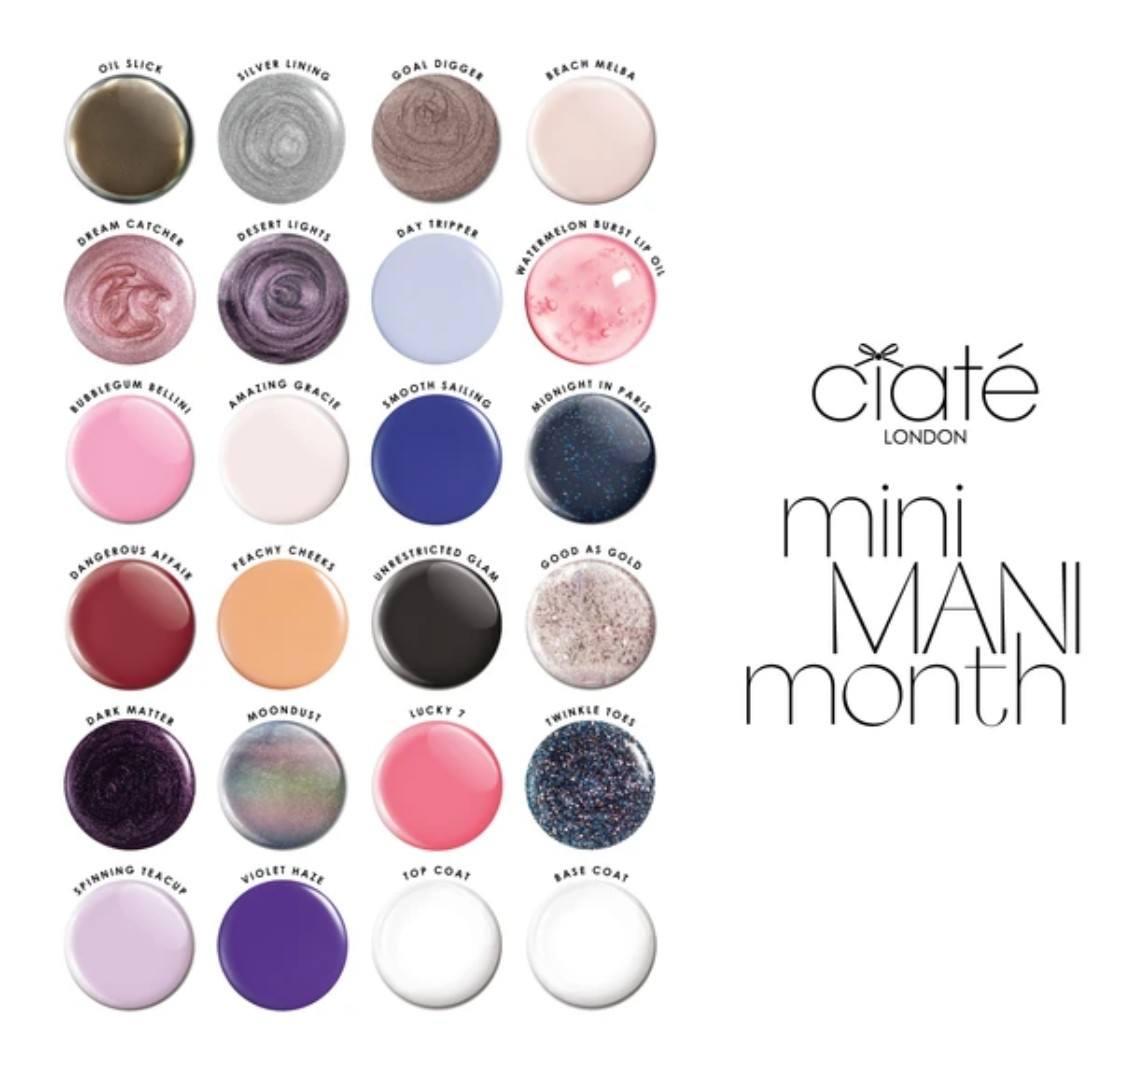 Ciate Mini Mani Month 2020